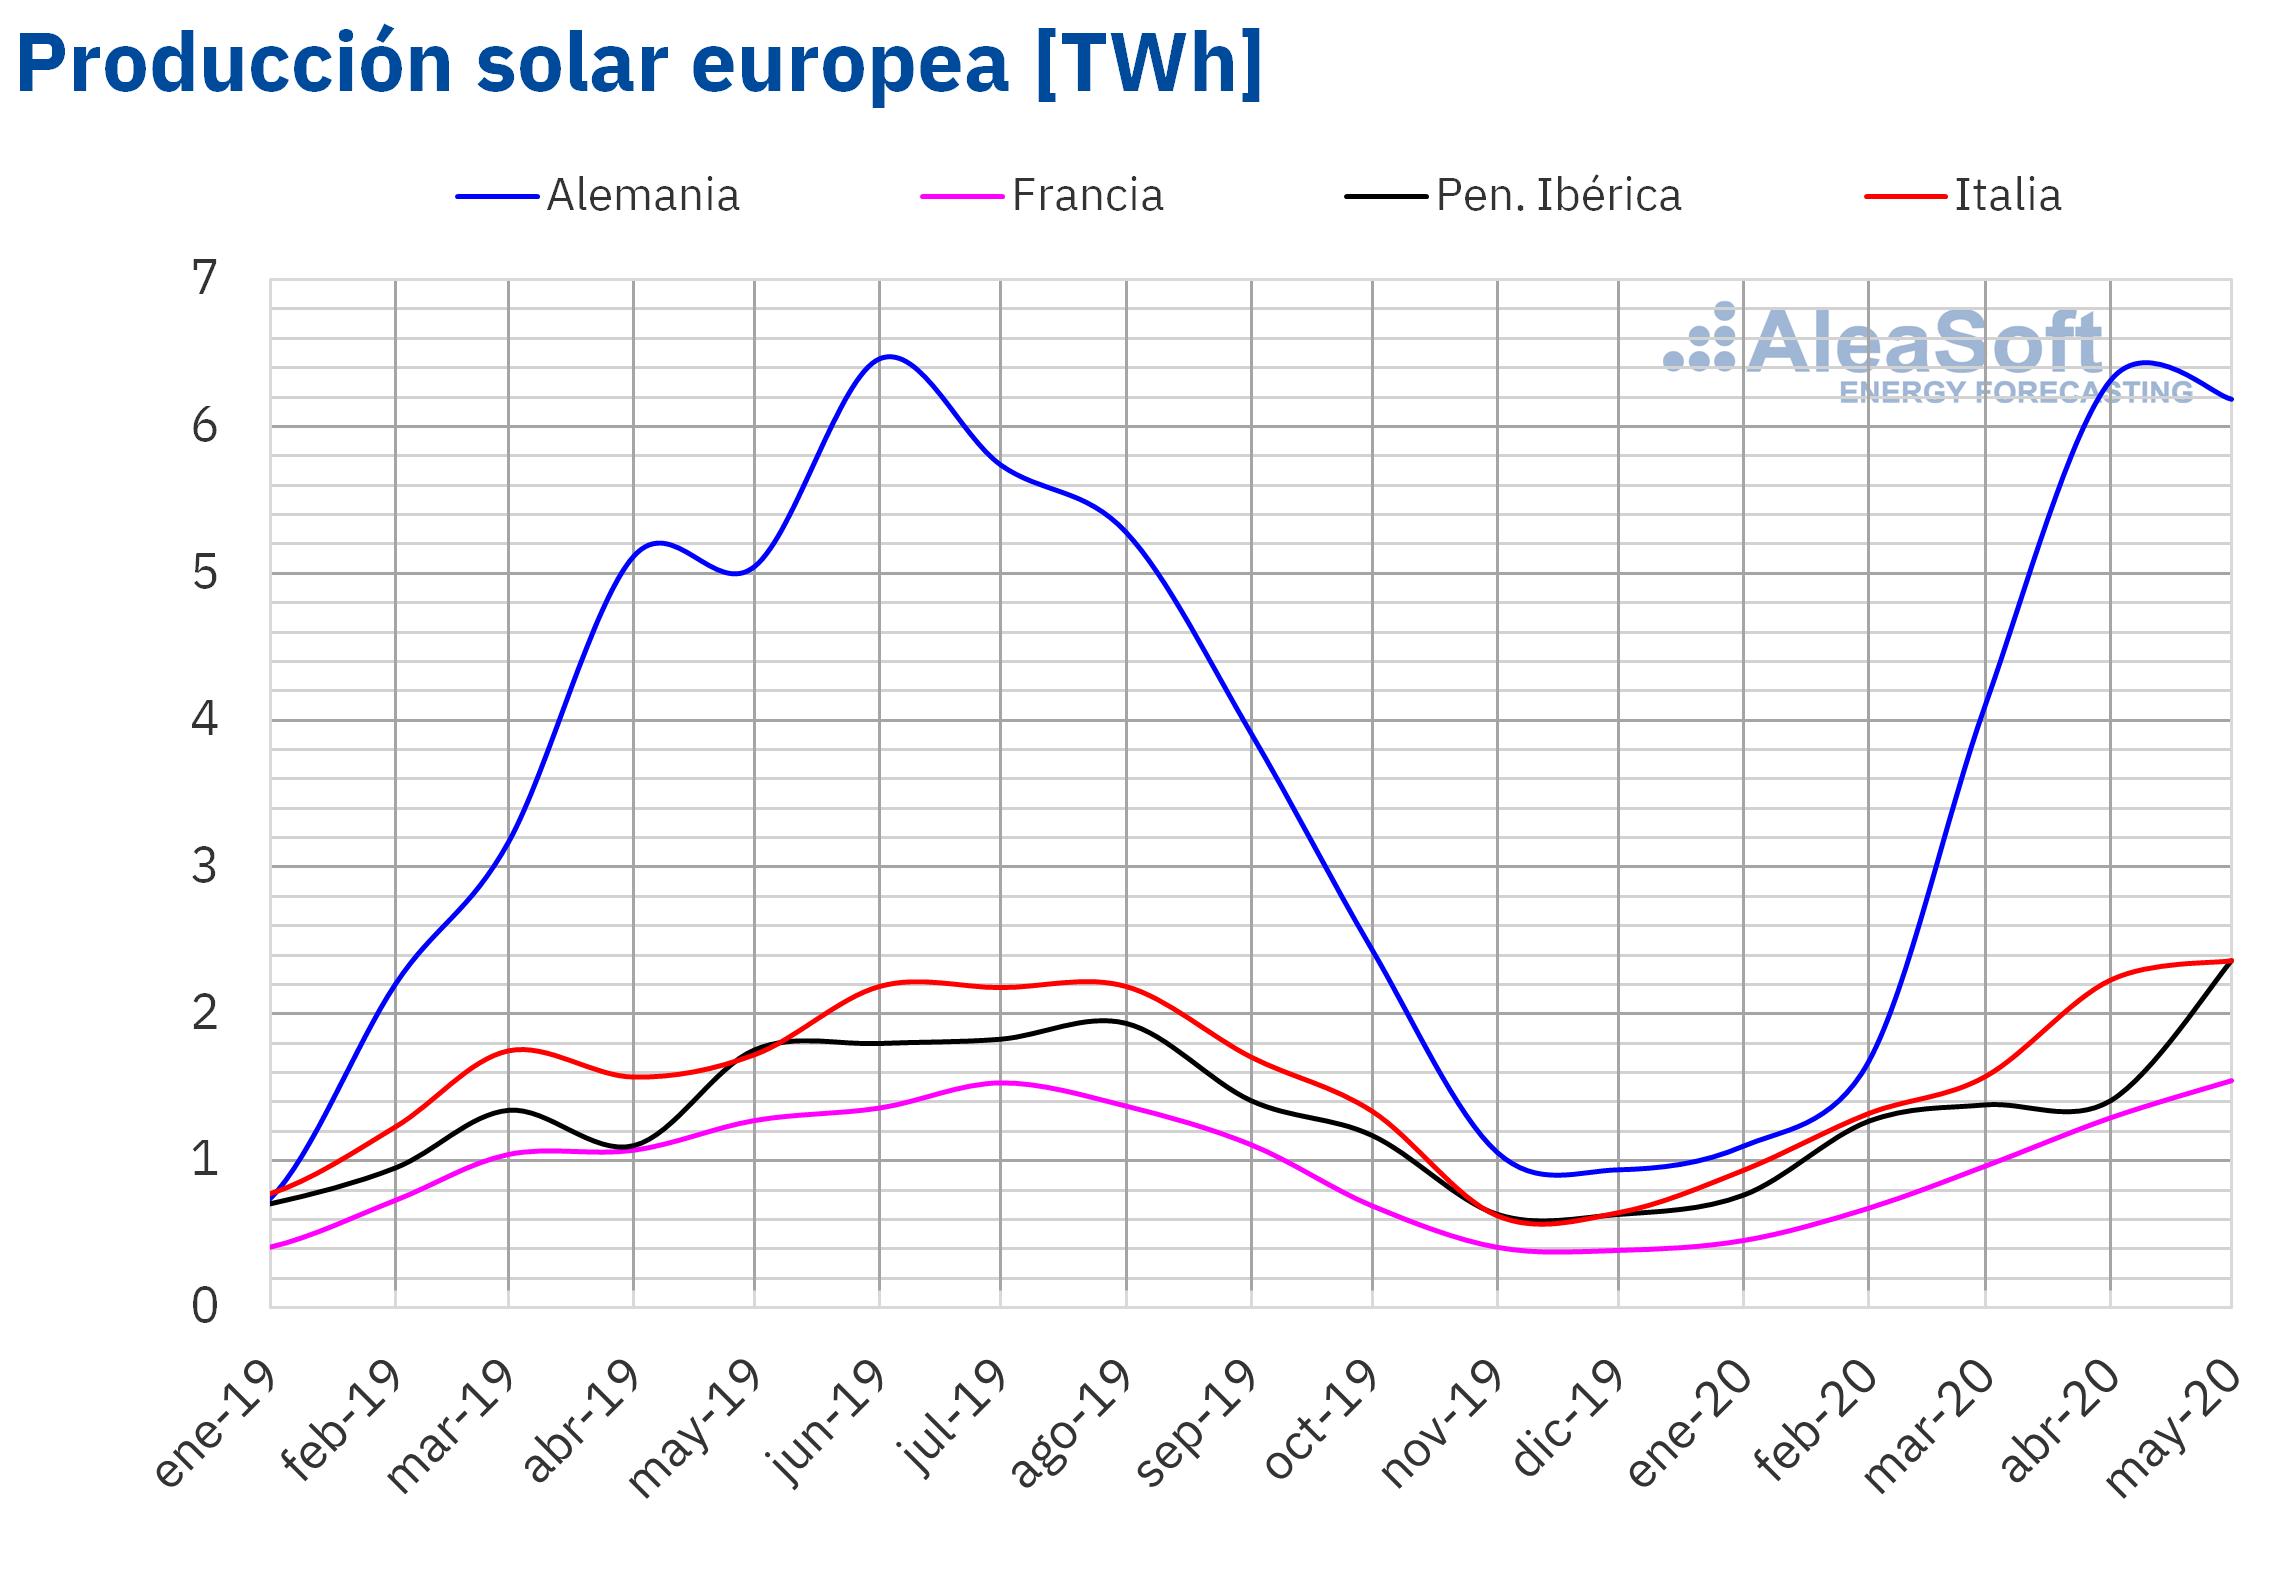 AleaSoft - Produccion mensual solar fotovoltaica termosolar electricidad Europa